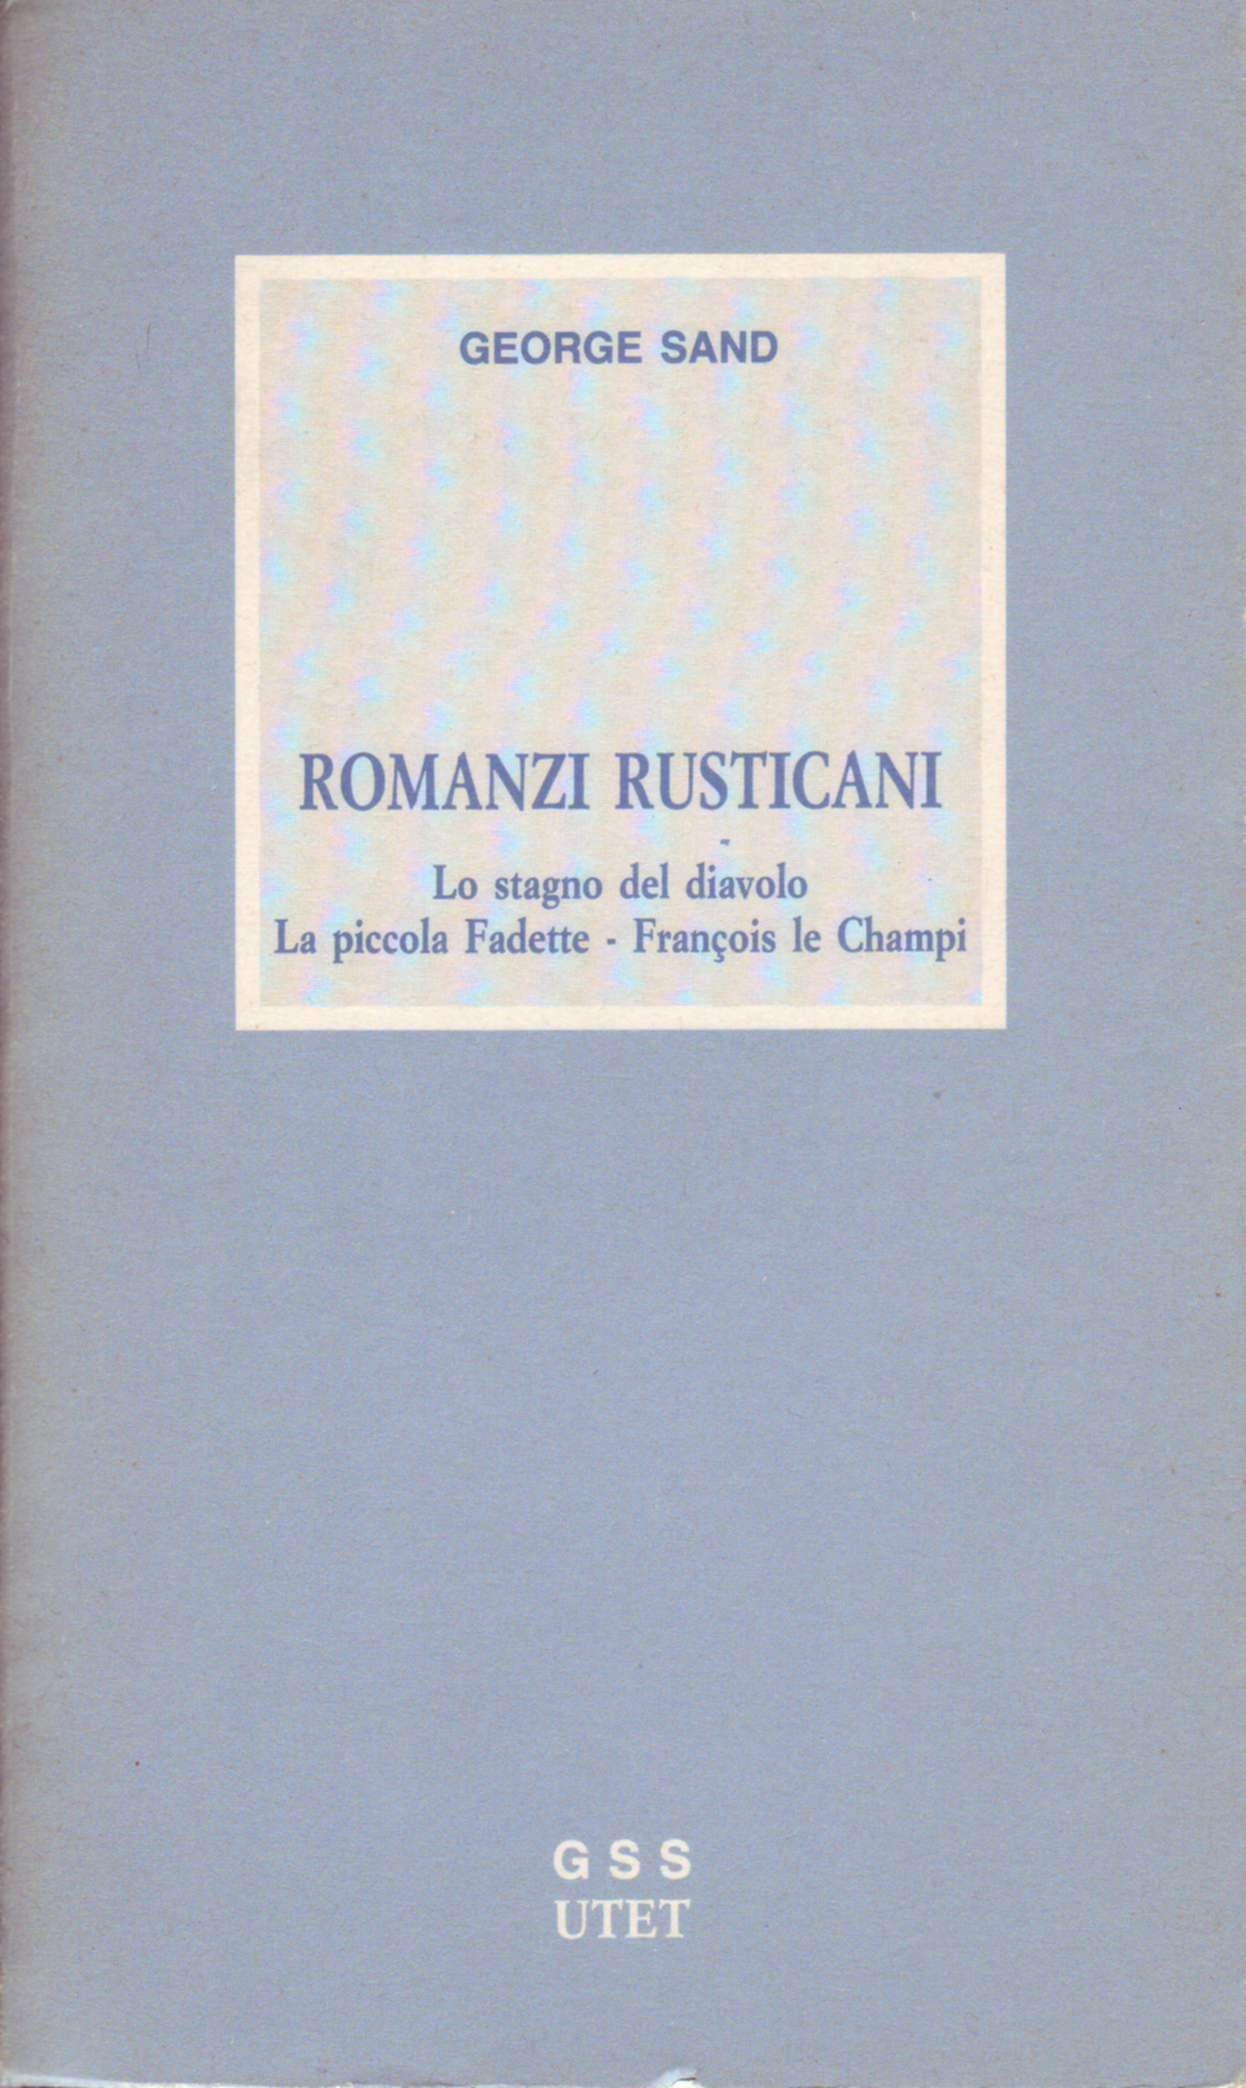 Romanzi rusticani